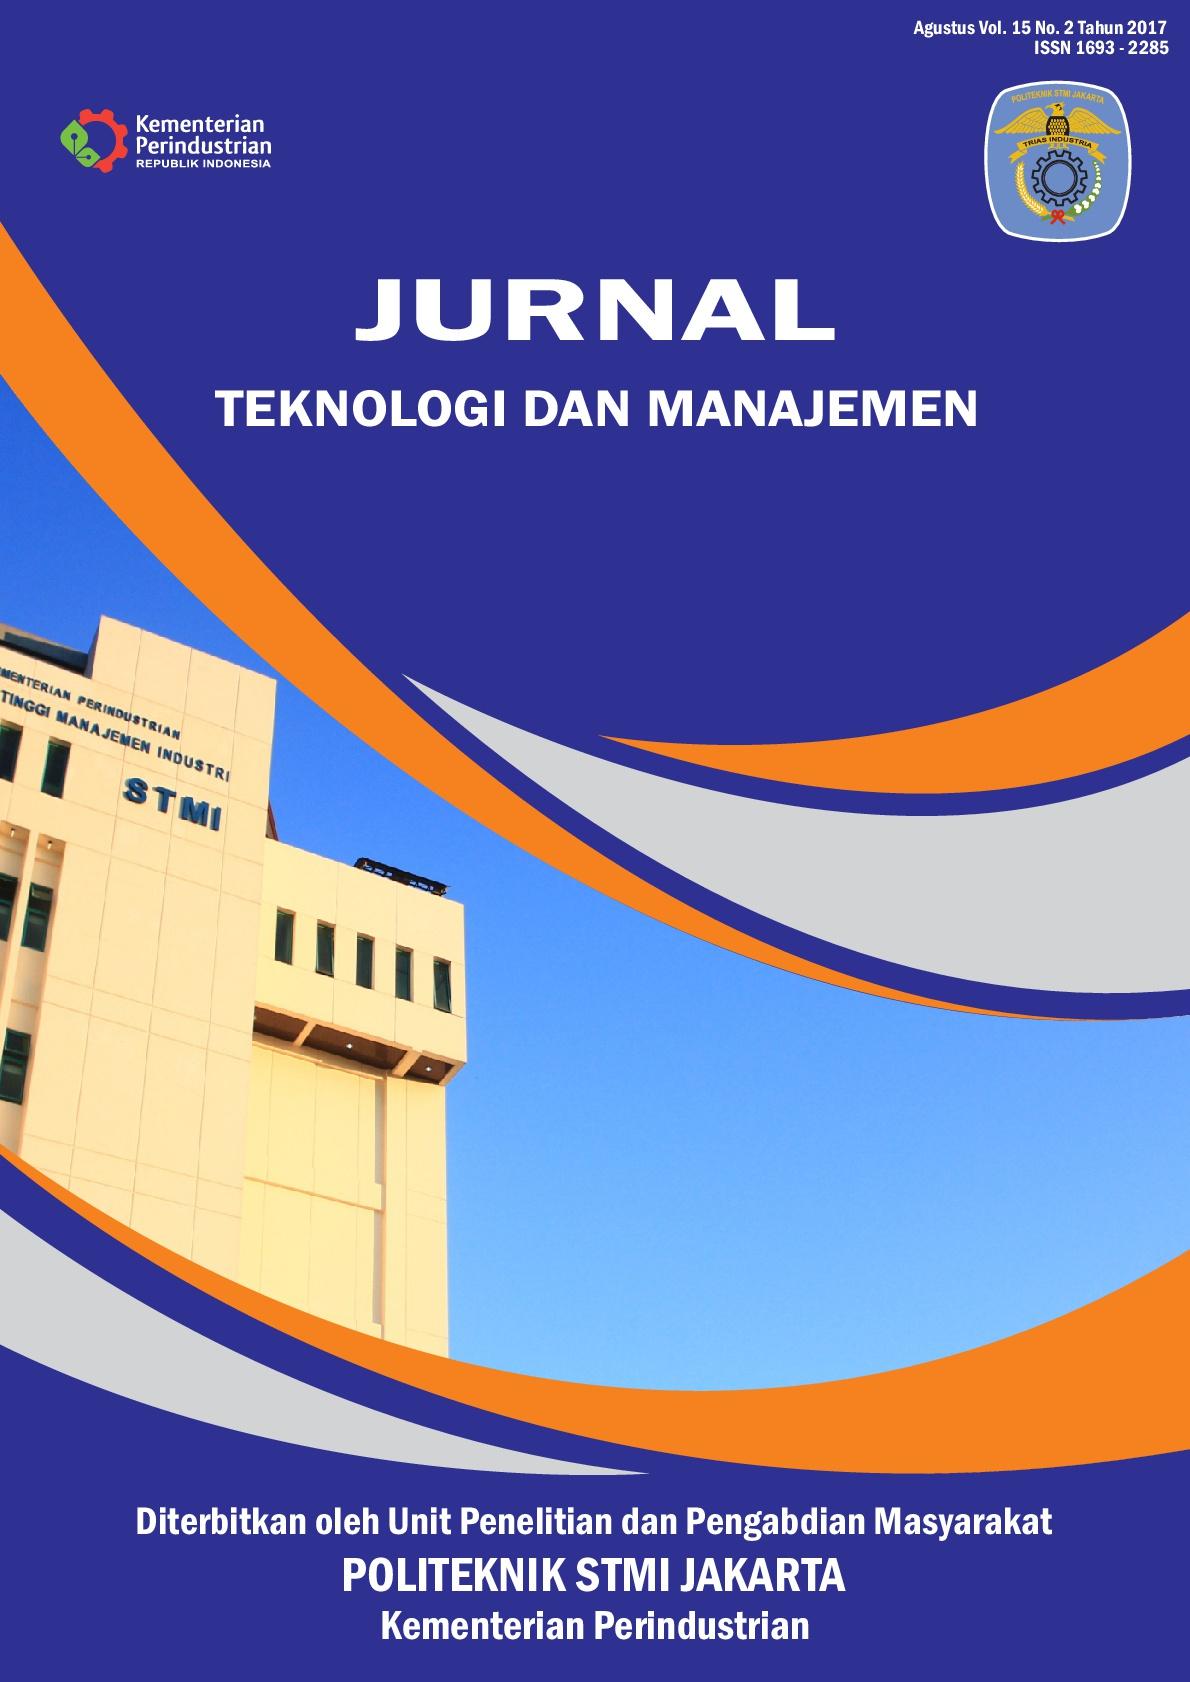 Jurnal Teknologi dan Manajemen Volume 15 No 1 Februari 2017